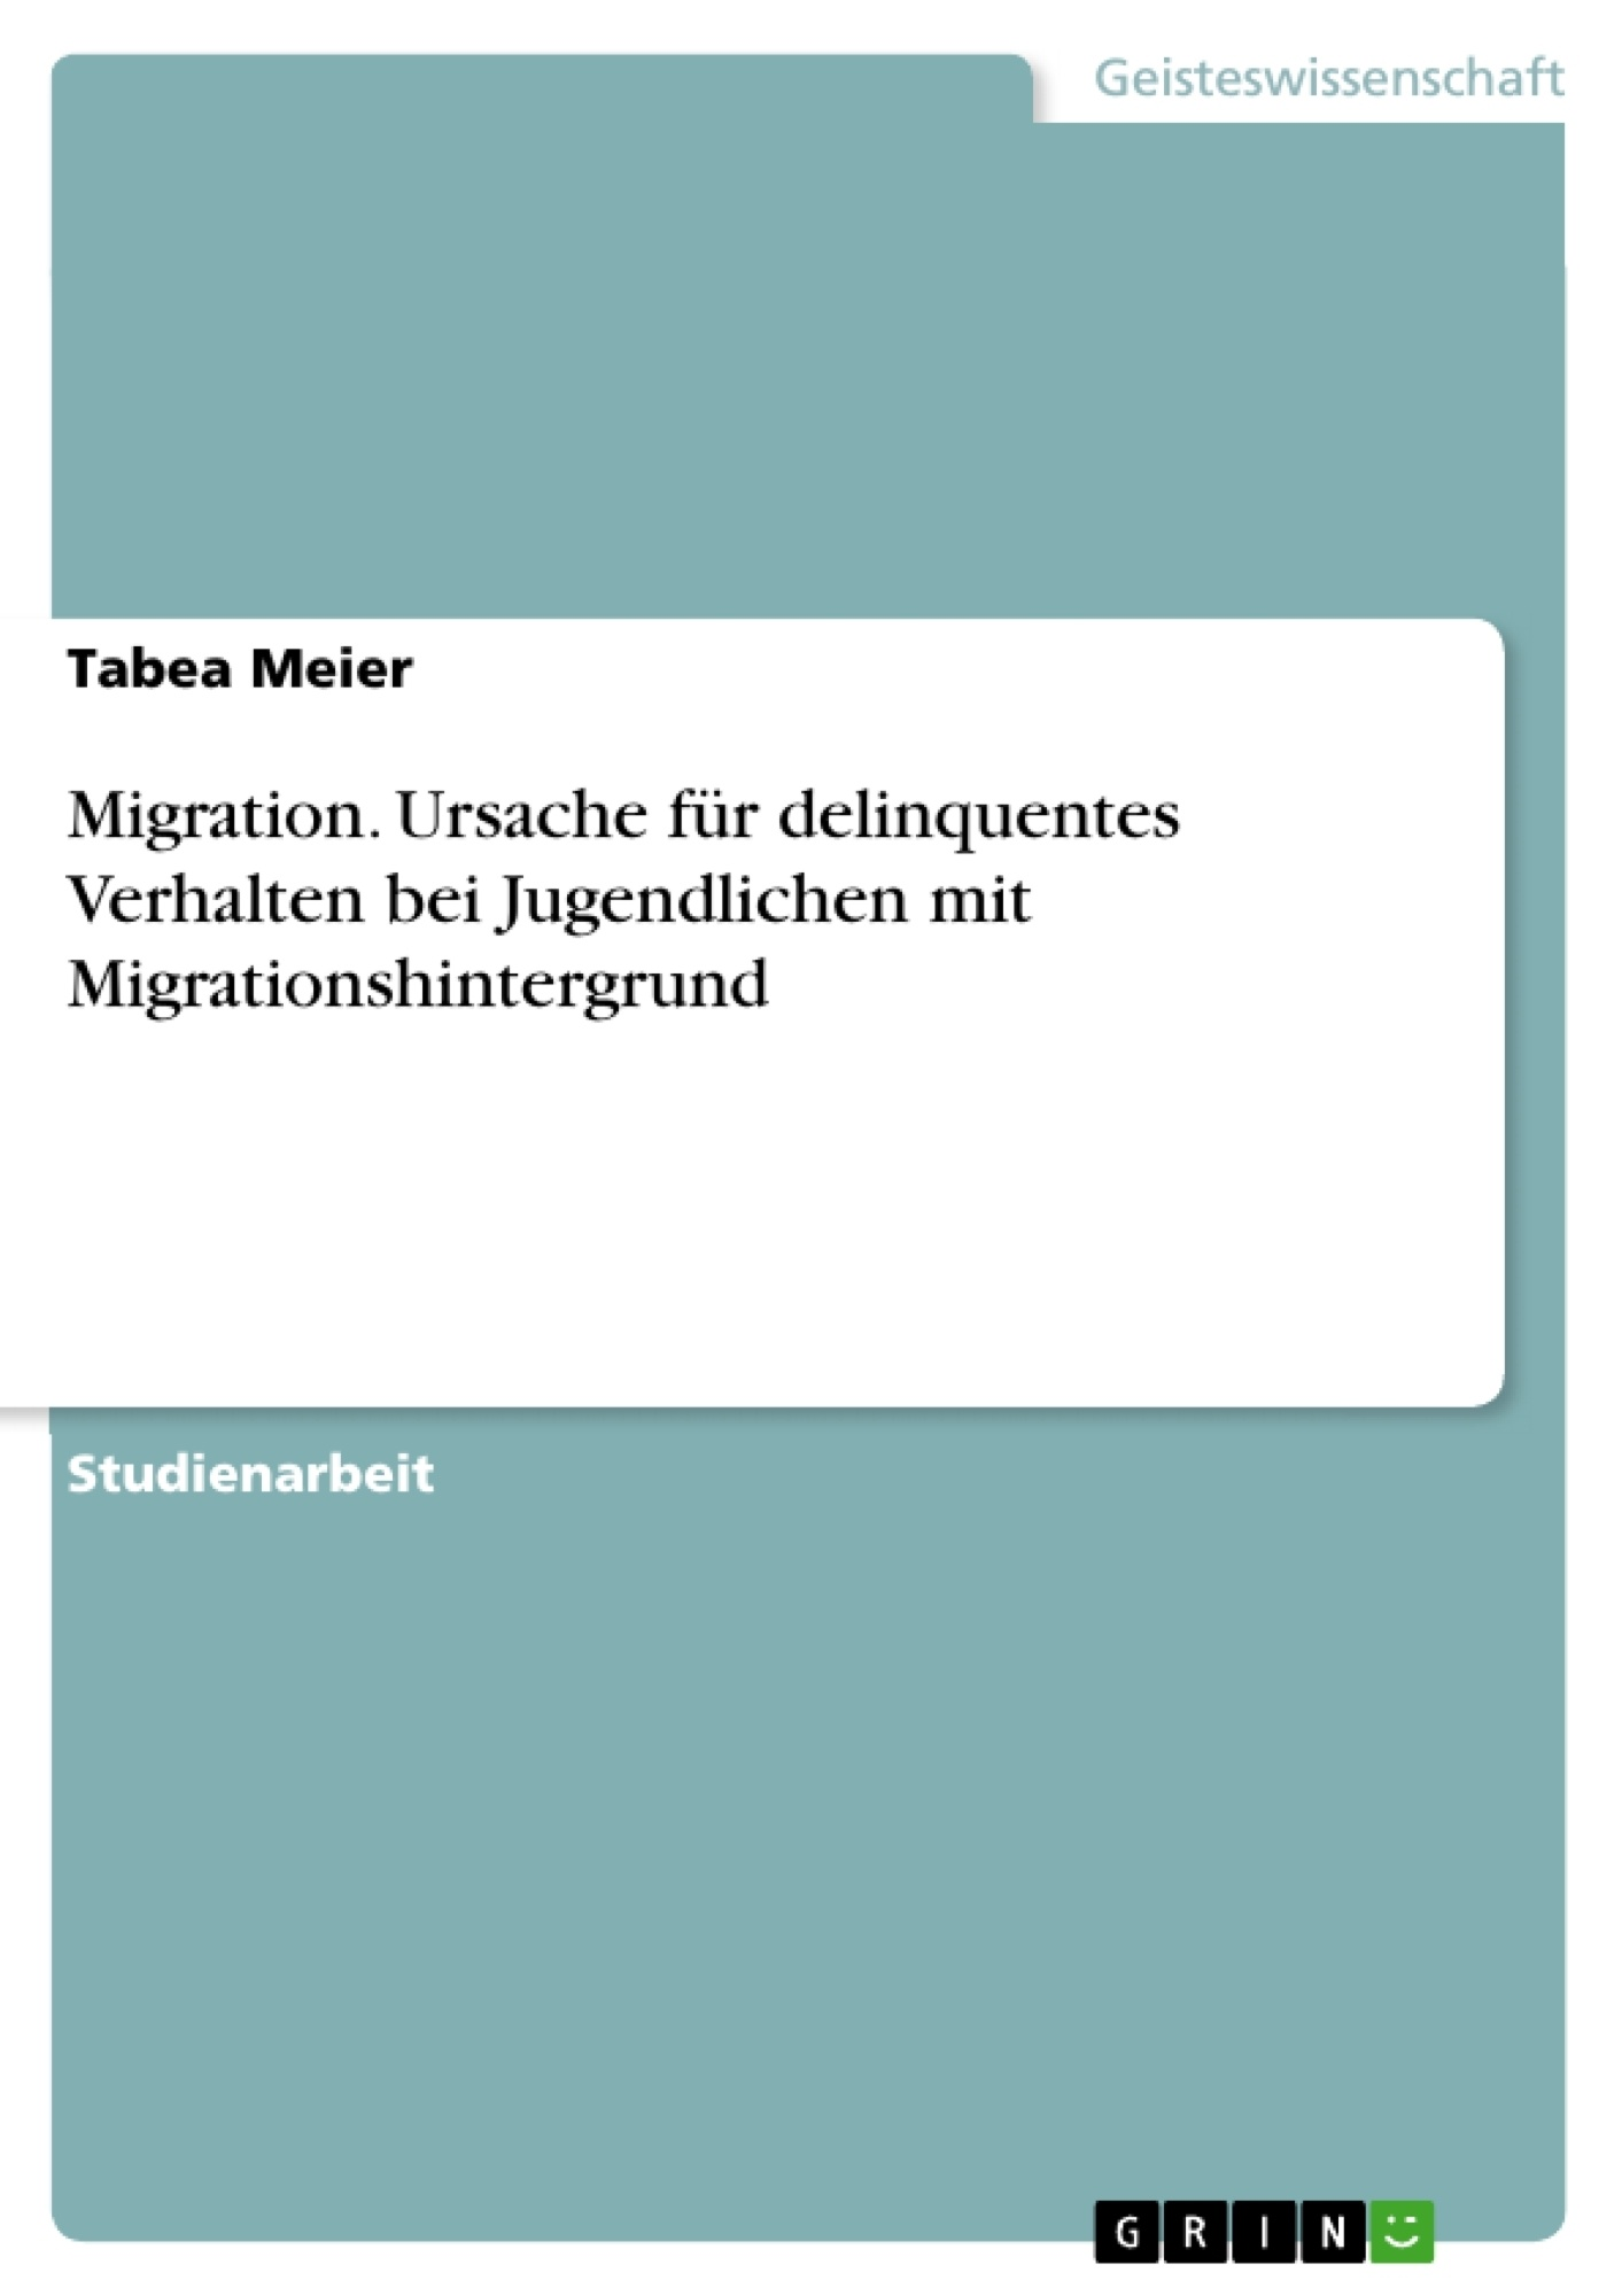 Titel: Migration. Ursache für delinquentes Verhalten bei Jugendlichen mit Migrationshintergrund